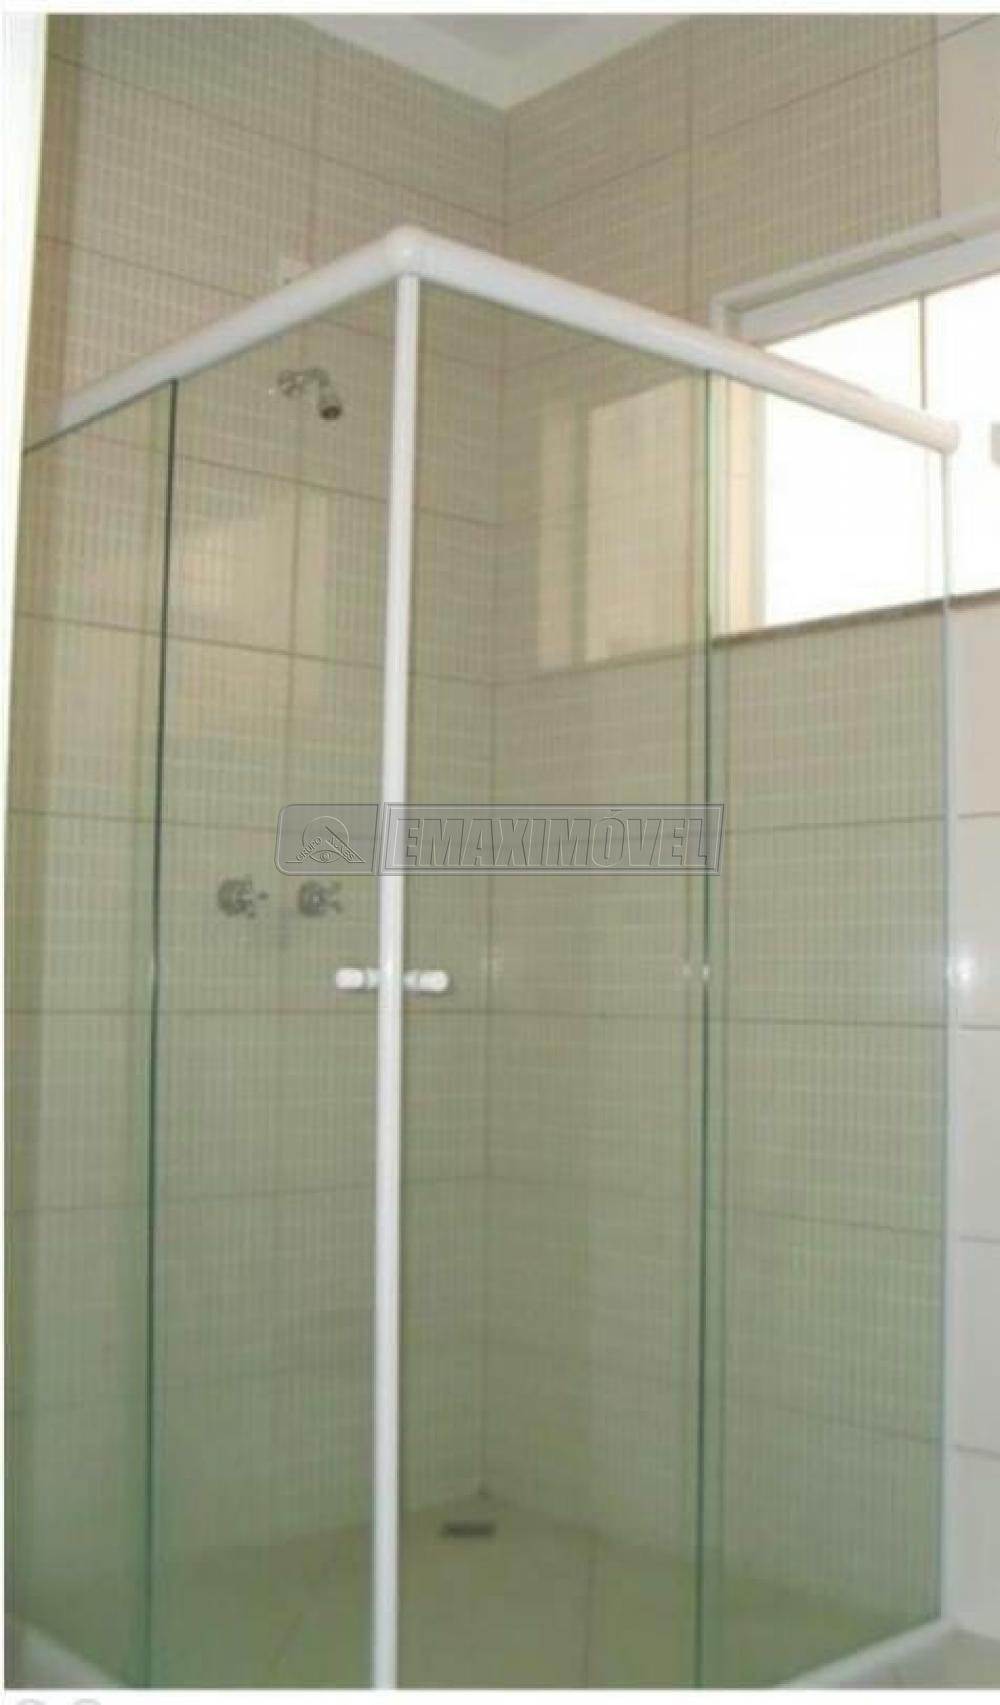 Comprar Casas / em Bairros em Sorocaba R$ 490.000,00 - Foto 5